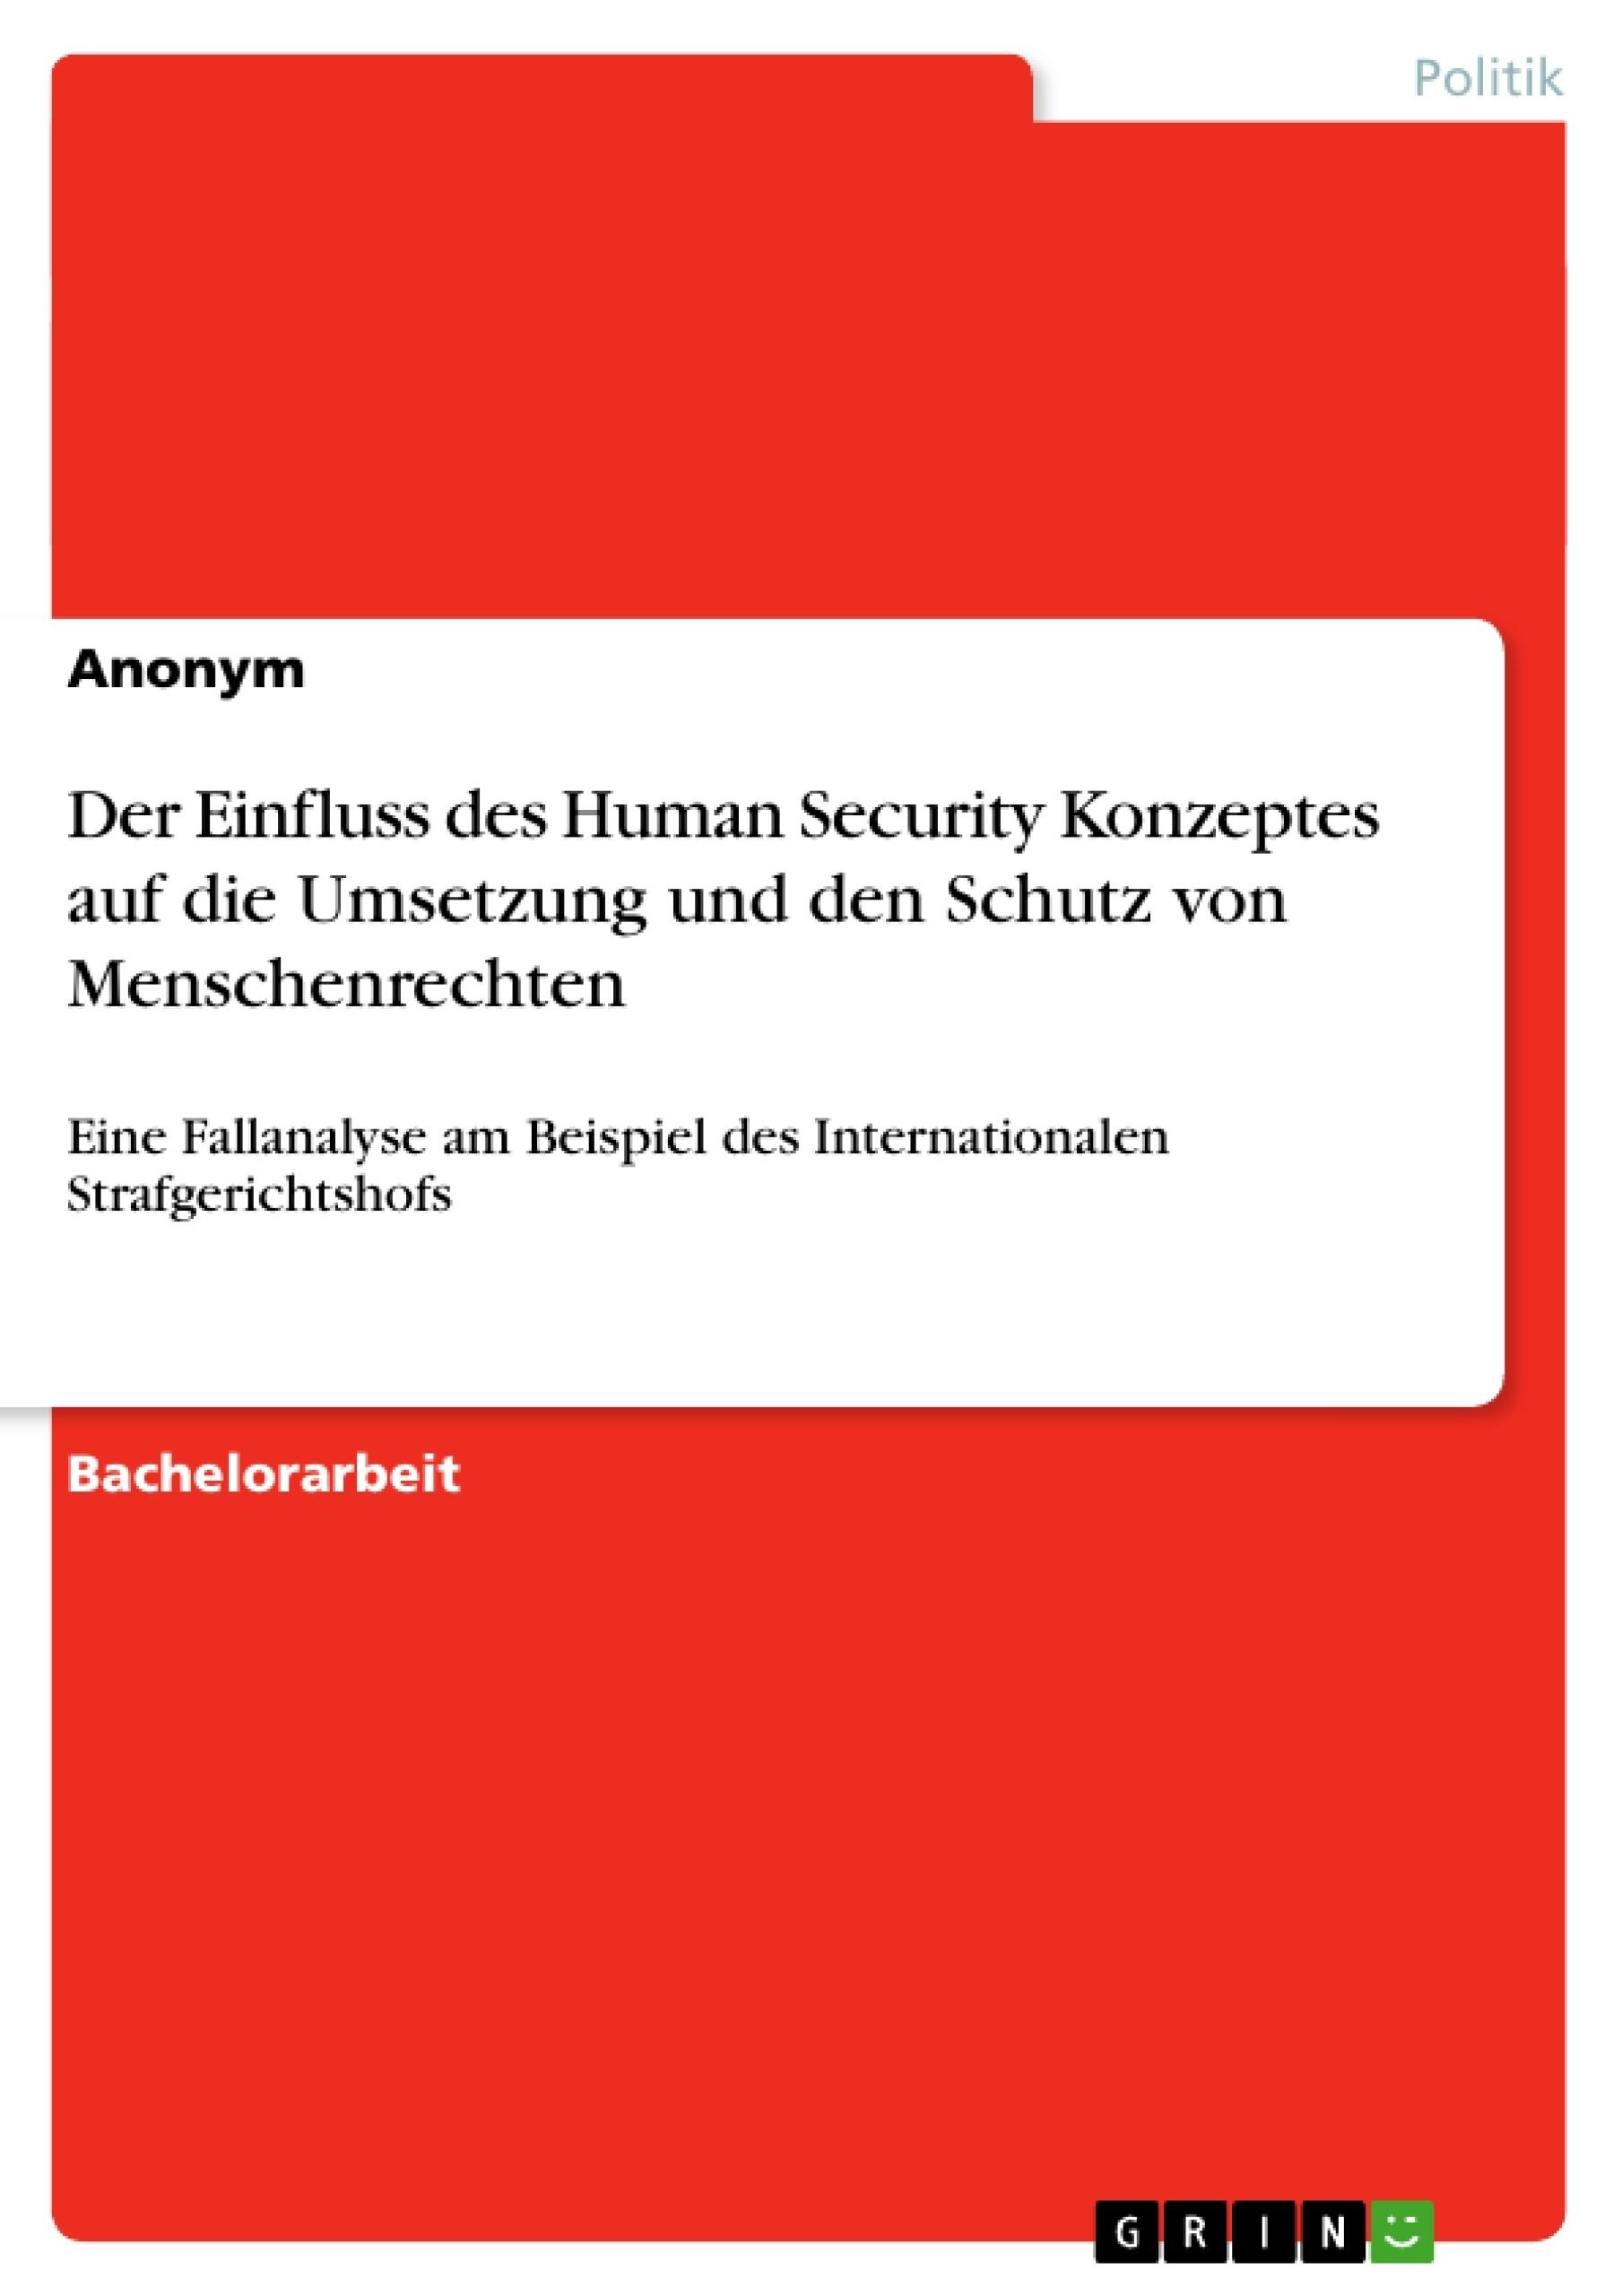 Titel: Der Einfluss des Human Security Konzeptes auf die Umsetzung und den Schutz von Menschenrechten